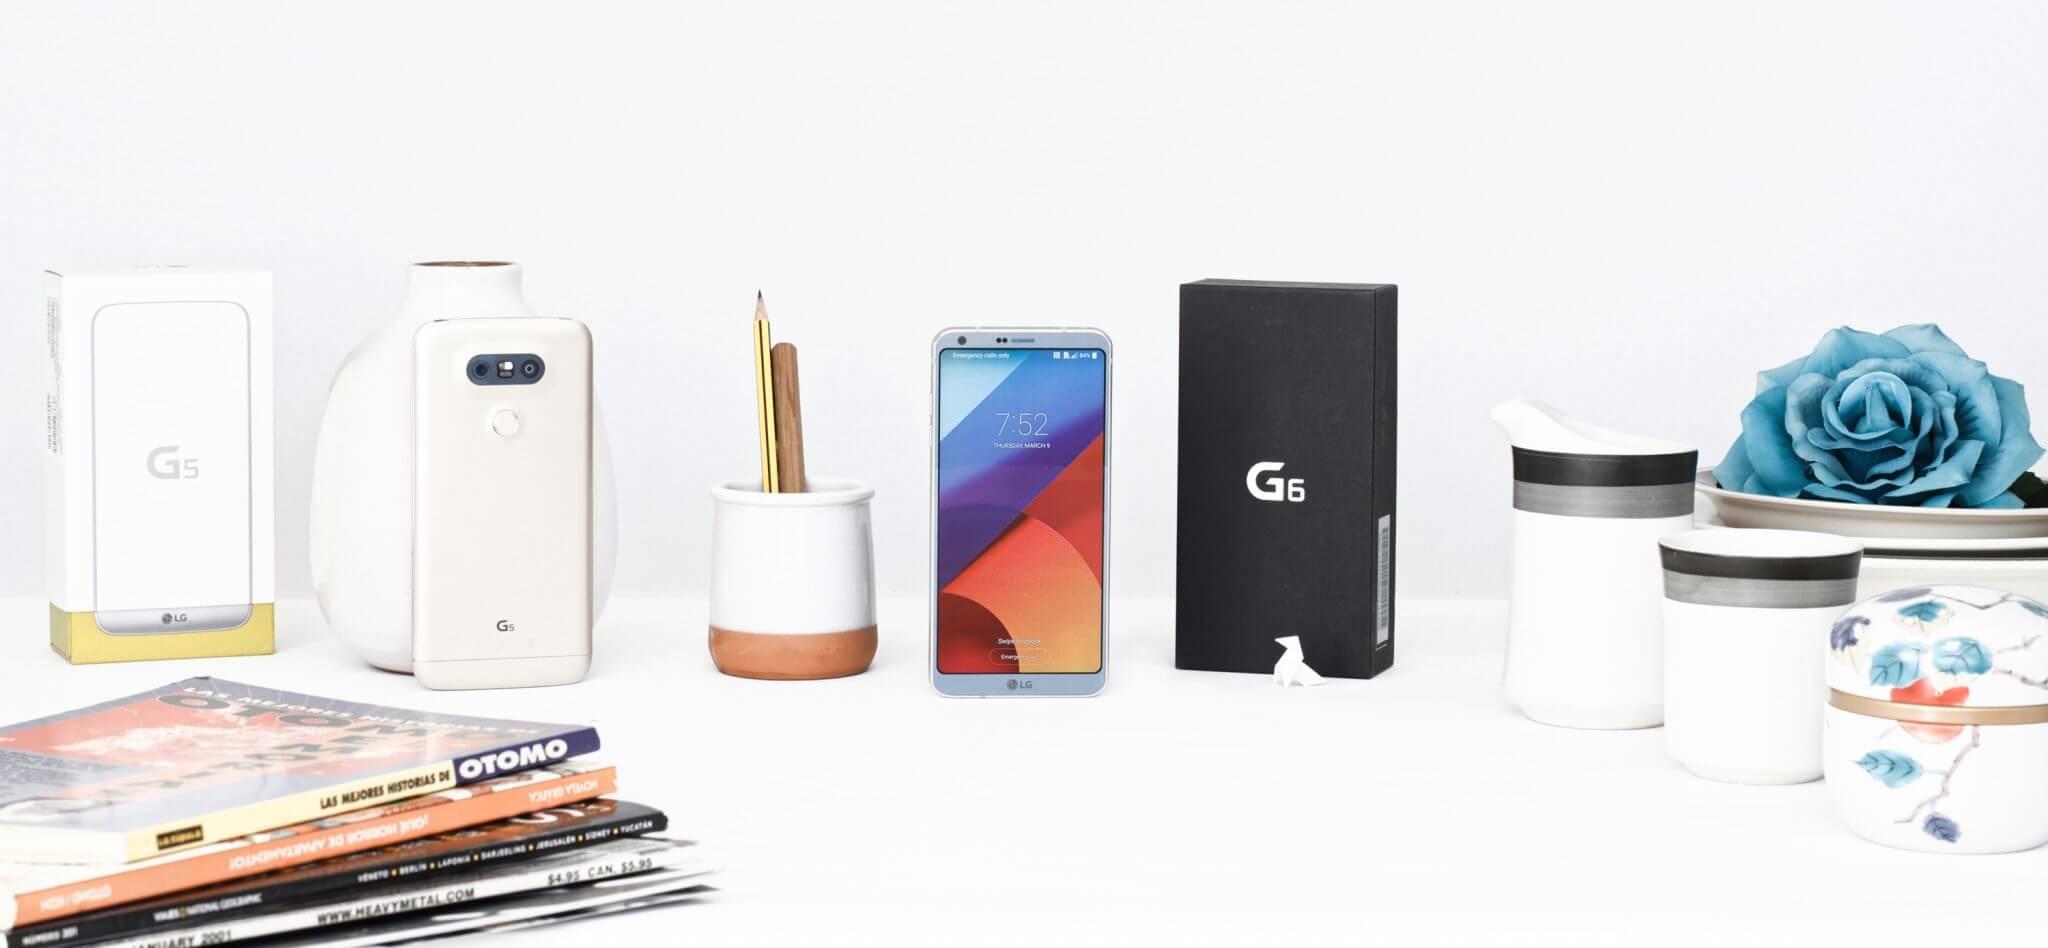 LG G6 - Chega ao Brasil LG G6 com 64 GB de armazenamento interno